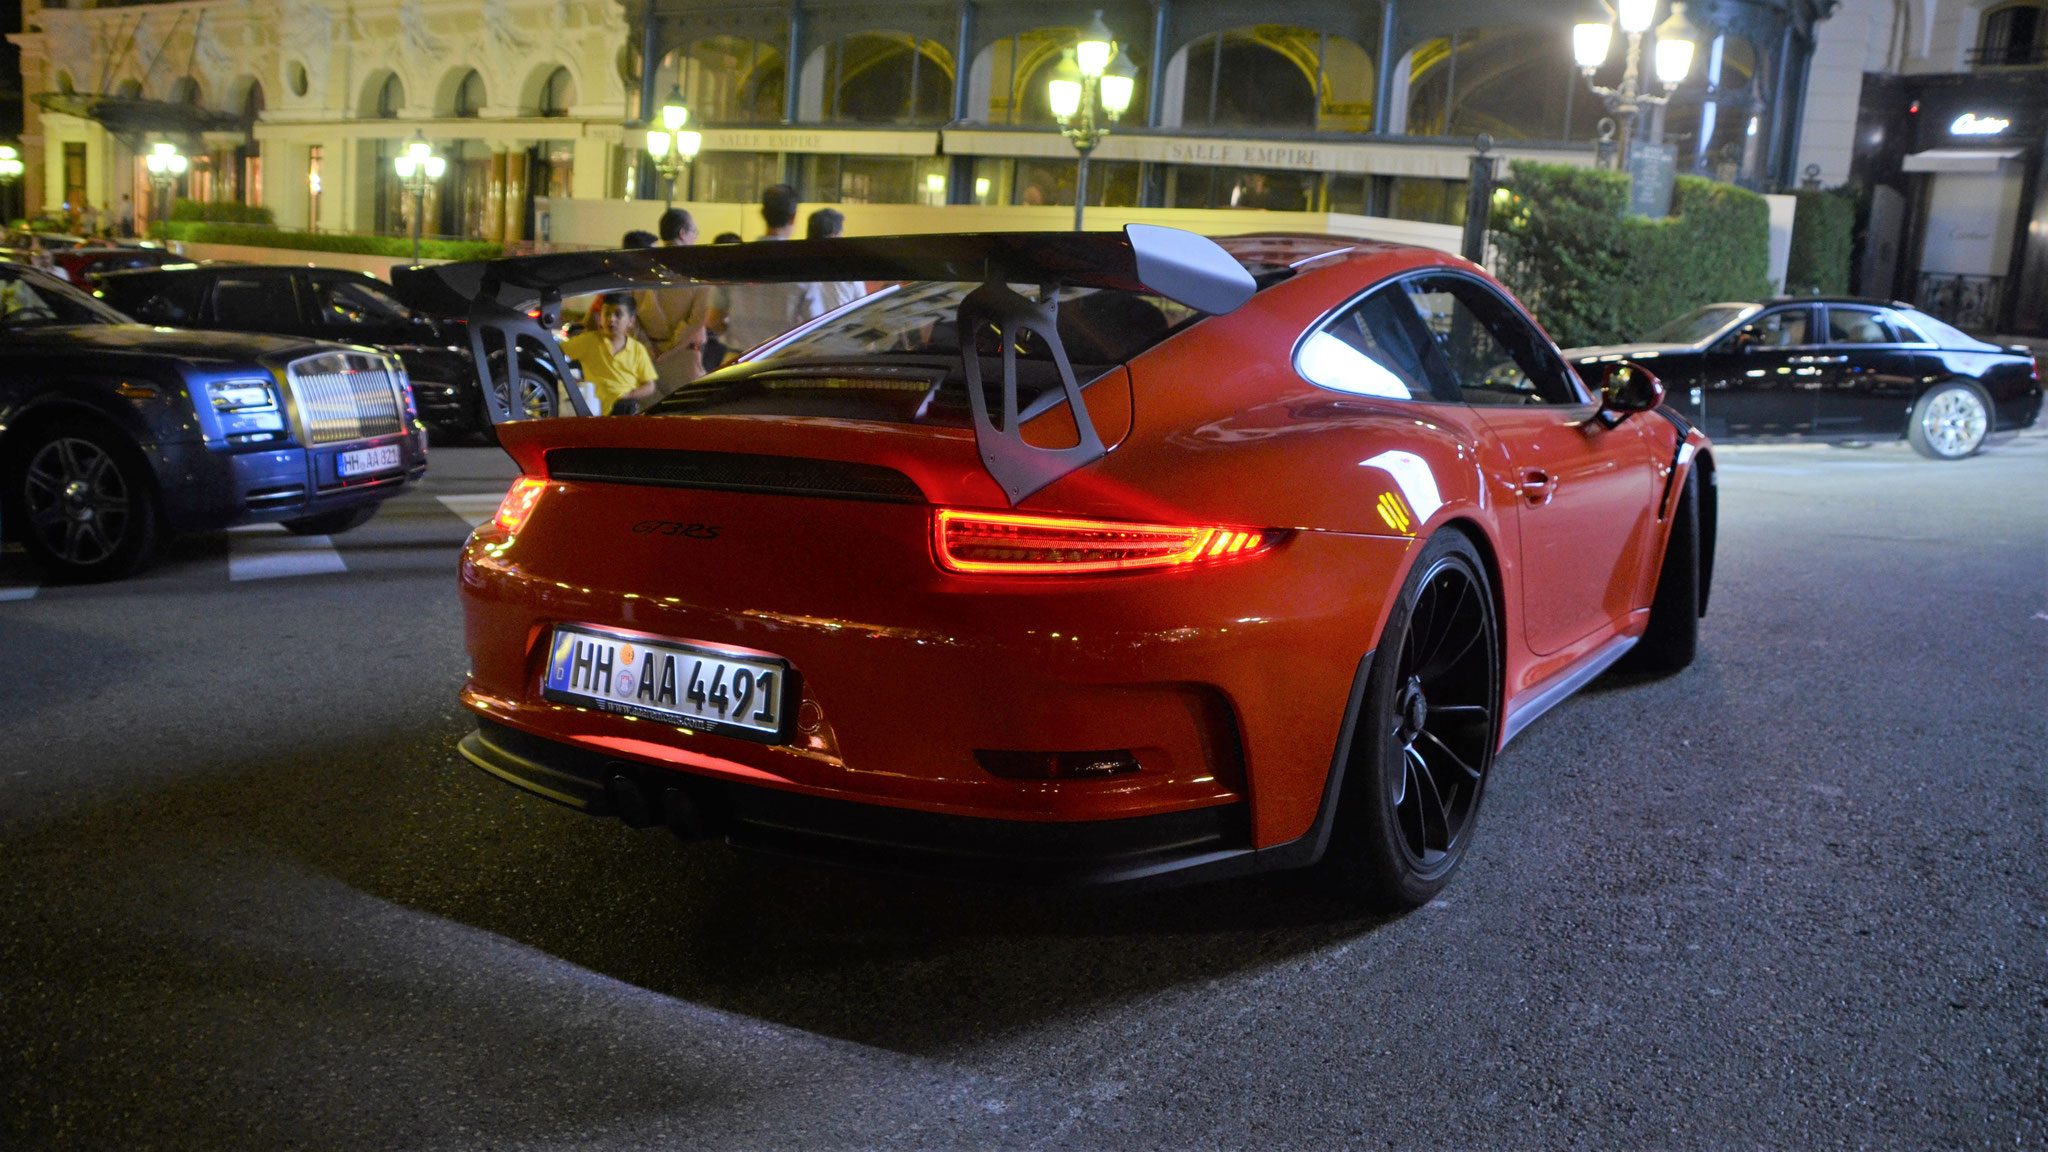 Porsche 911 GT3 RS - HH-AA-4491